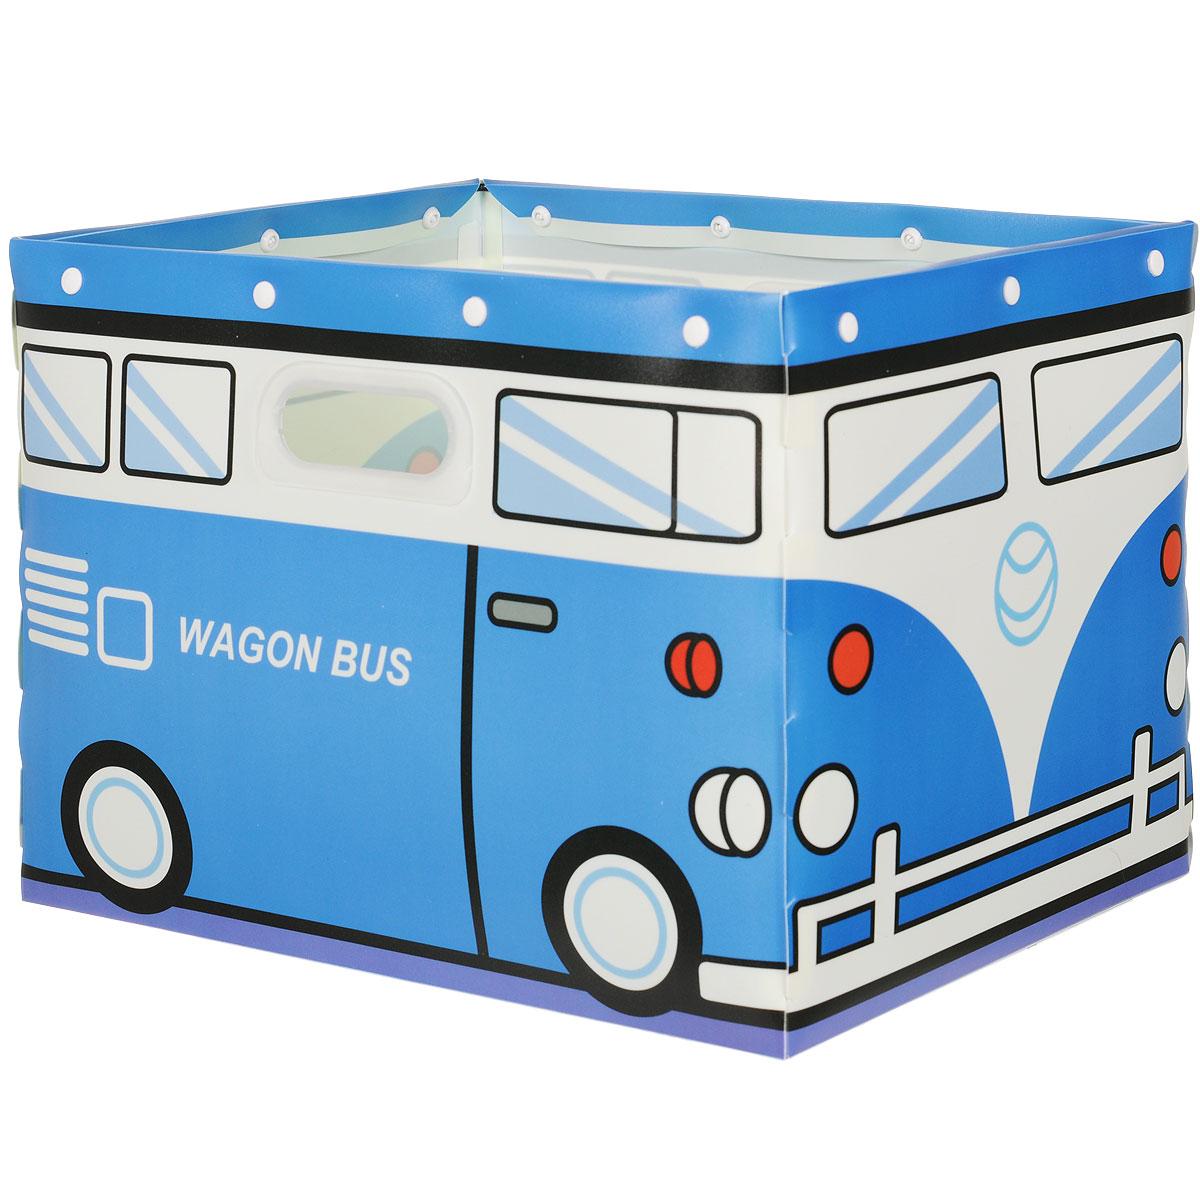 """Коробка для хранения """"House & Holder"""" изготовлена из пластика и металла. Благодаря  специальным вставкам, коробка прекрасно держит форму. Стильный дизайн коробки  хорошо  впишется в интерьер детской комнаты. Внутренняя емкость позволяет хранить внутри  различные  вещи и мелкие аксессуары. При необходимости легко складывается в плоскую, компактную форму. Коробка оснащена удобными ручками-отверстиями для переноски. Коробка """"House & Holder"""" - идеальное решение для аккуратного хранения вещей и  аксессуаров."""